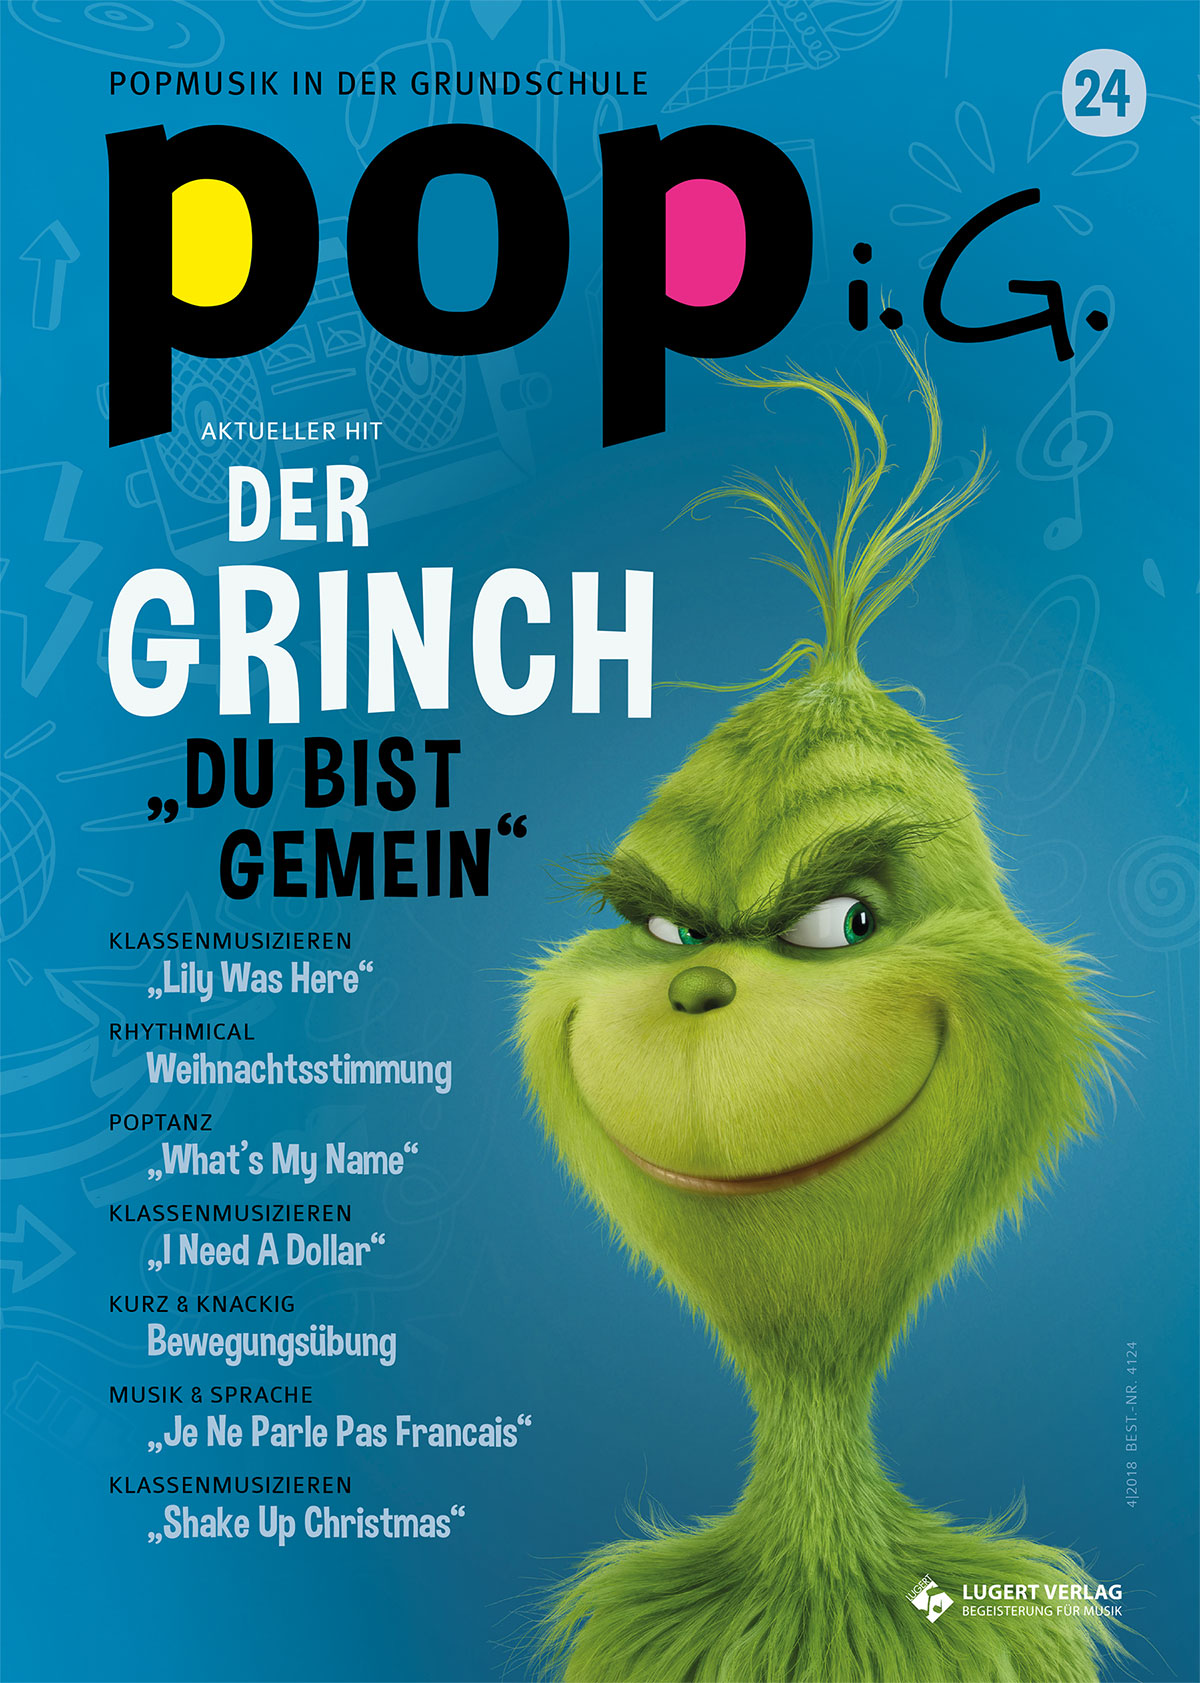 Prüfpaket Popmusik in der Grundschule: Ausgabe 24